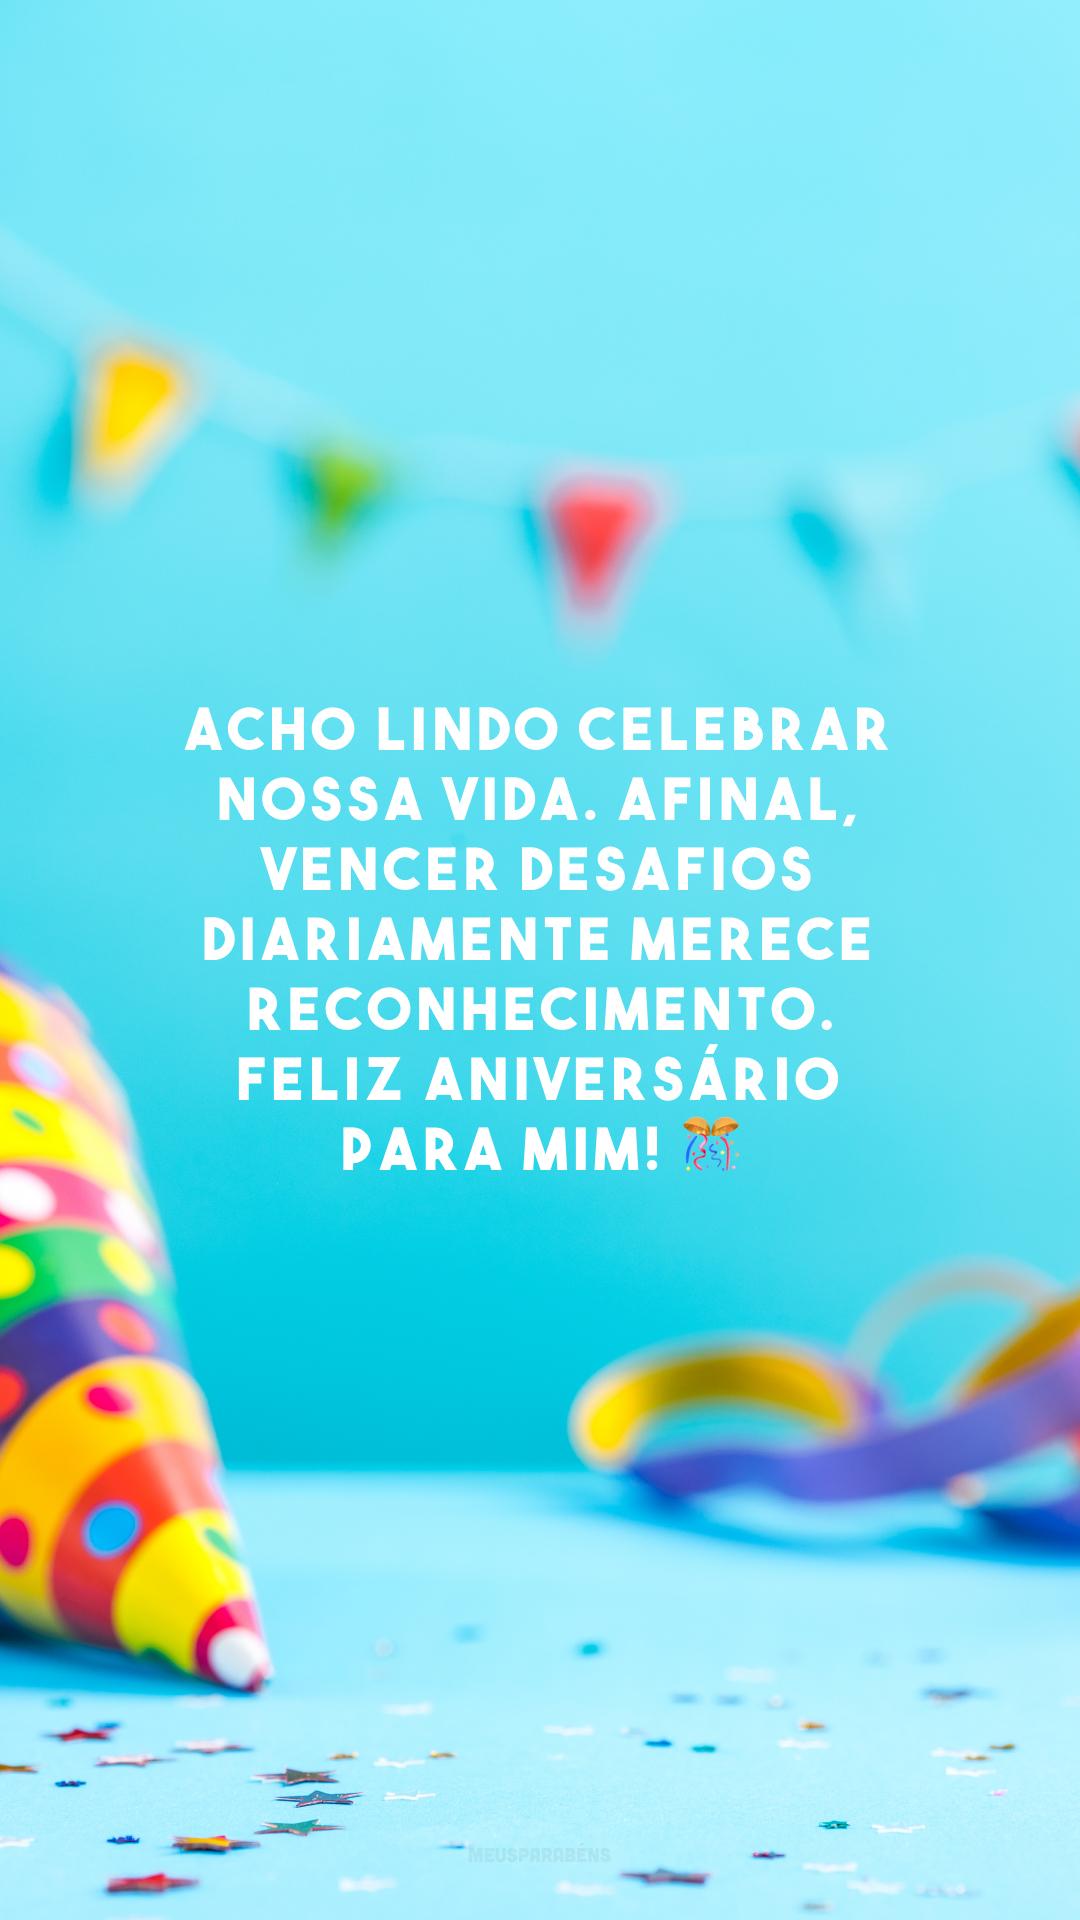 Acho lindo celebrar nossa vida. Afinal, vencer desafios diariamente merece reconhecimento. Feliz aniversário para mim! 🎊